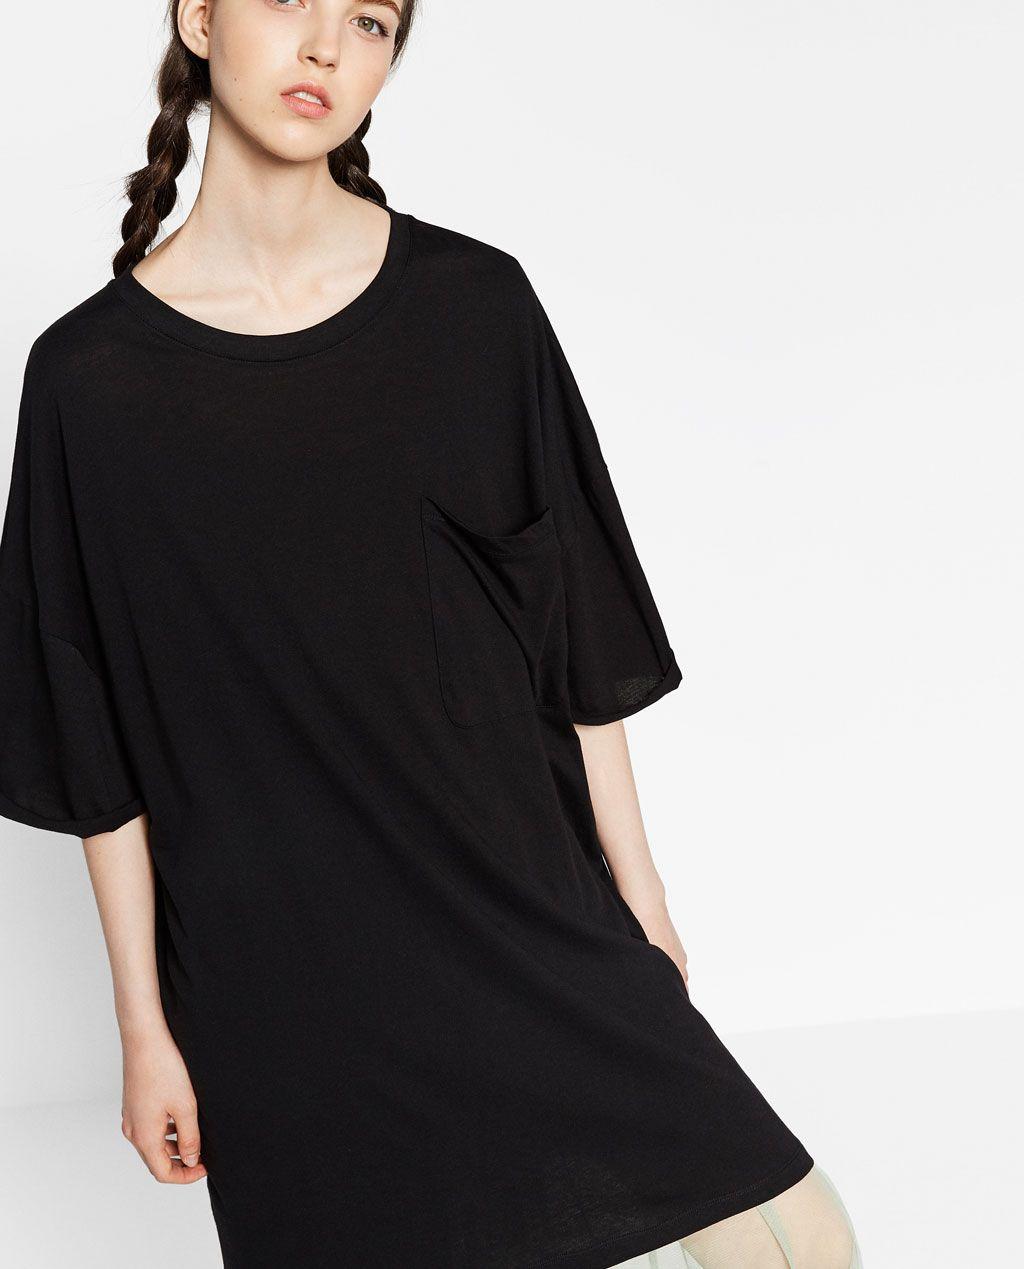 Black t shirt dress zara - Oversized T Shirt Dress Details 499 000 Vnd